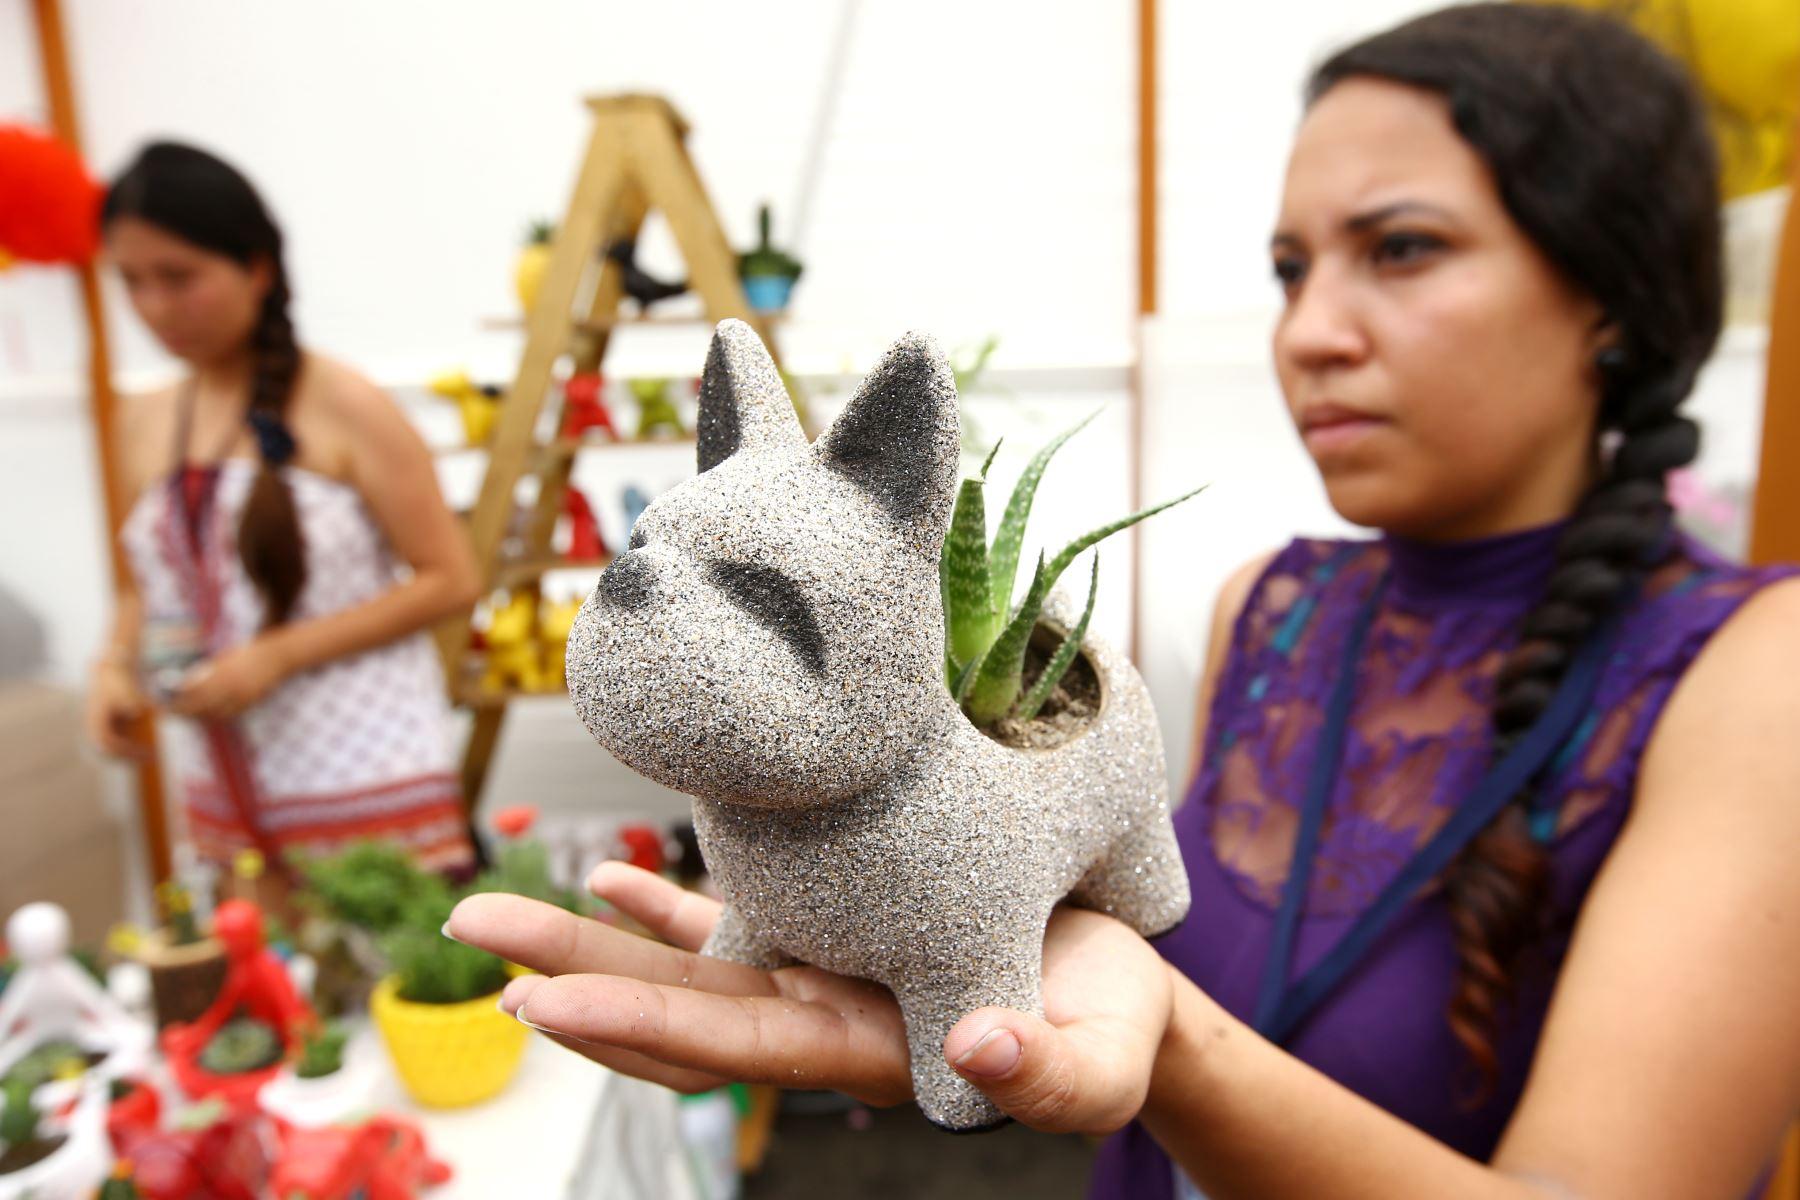 LIMA PERÚ - FEBRERO 16. Venta de souvenirs celebrando el año nuevo chino. Foto: ANDINA/Melina Mejía